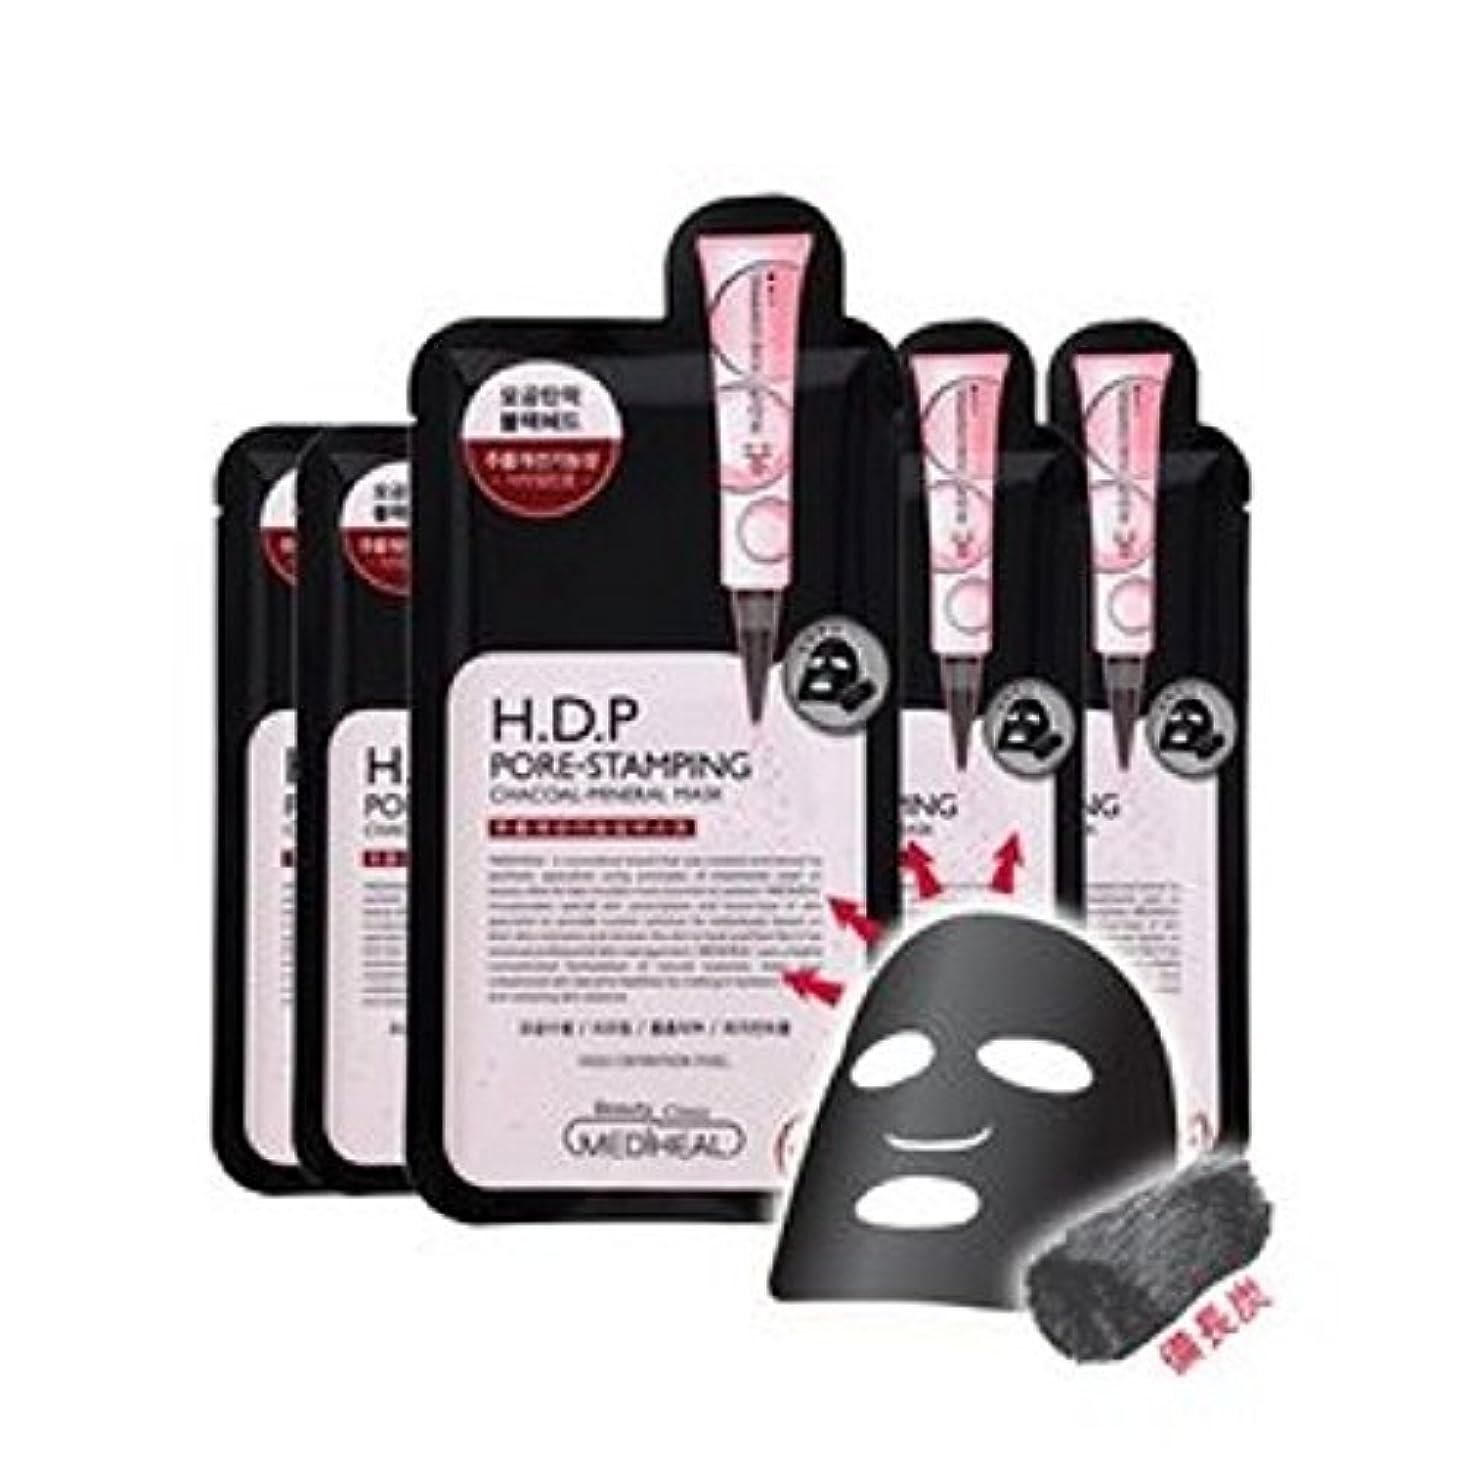 の慈悲でサイドボード運動するメディヒール(Mediheal) H.D.P 毛穴スタンプ炭ミネラルマスク Pore stamping Charcoal mineral mask (10枚) [海外直送品] [並行輸入品]